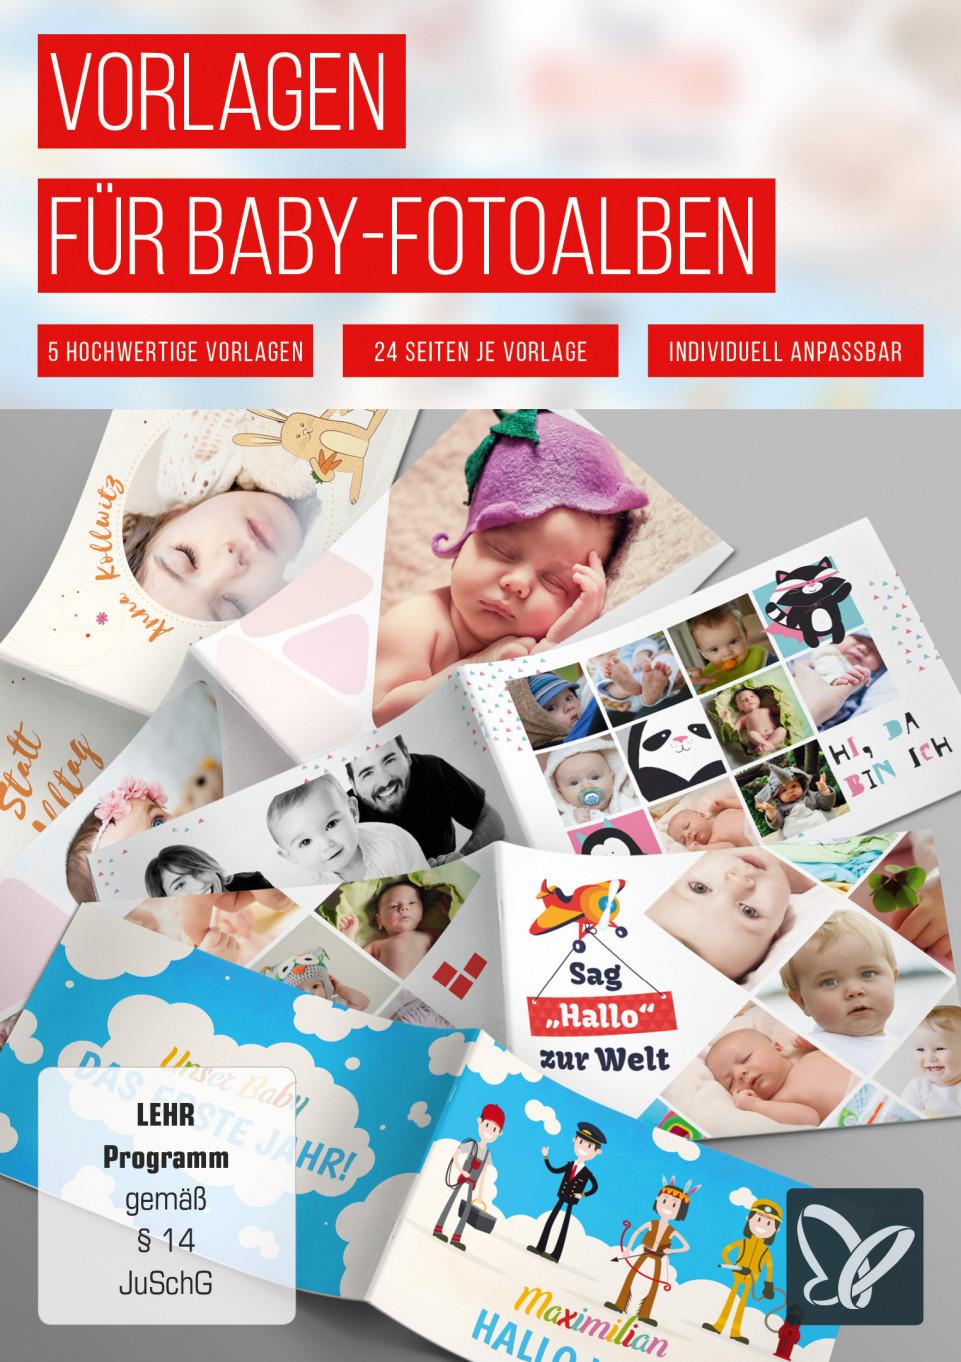 Vorlagen für Baby-Fotoalben: Mein erstes Jahr